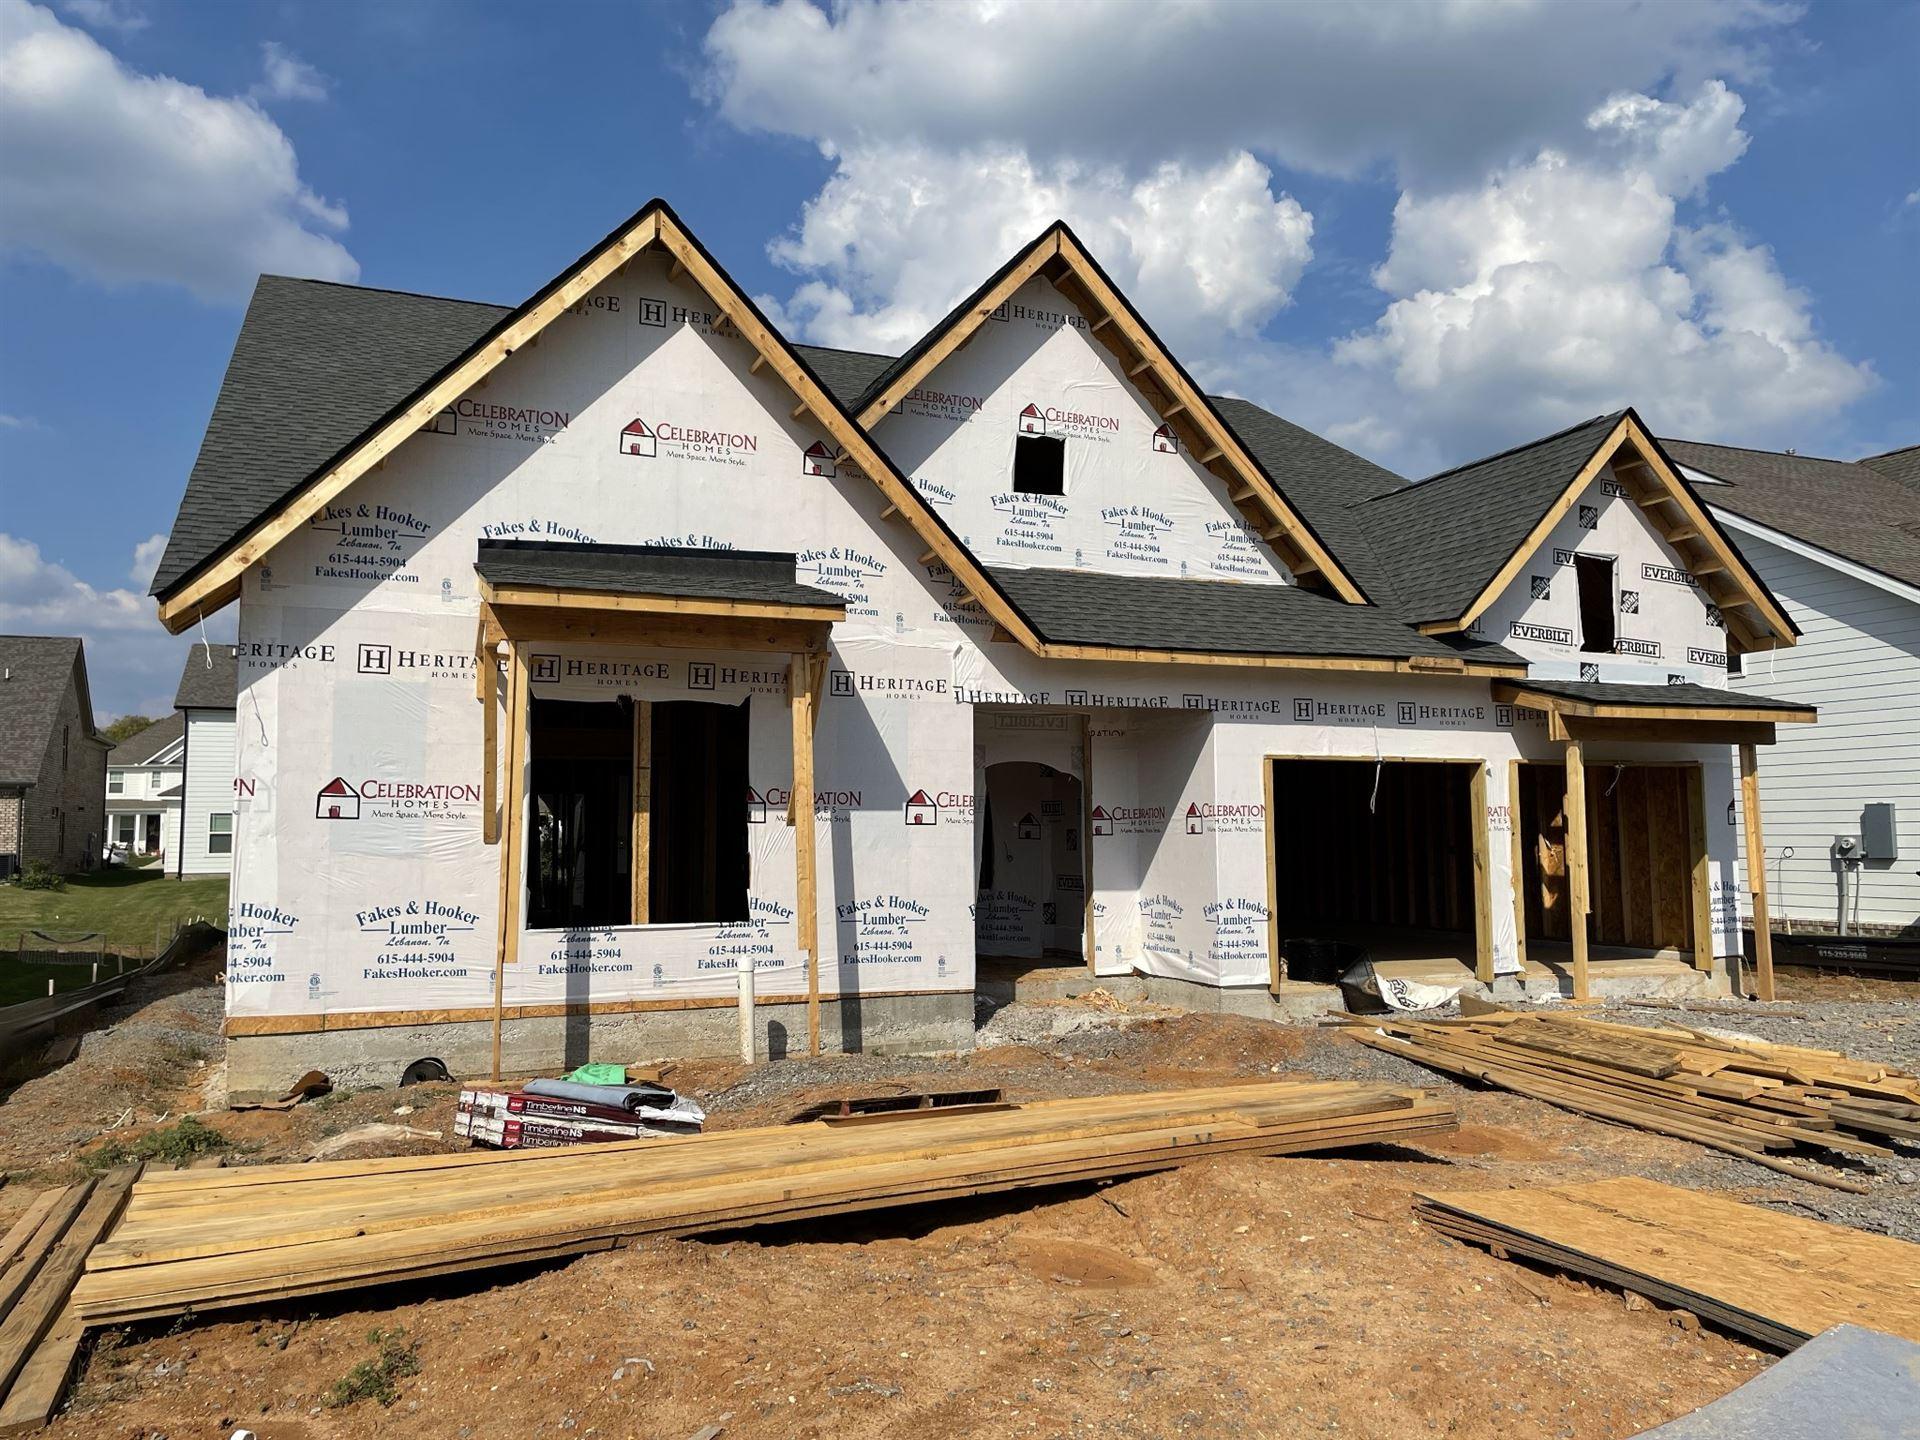 5524 Shelton Blvd. (lot 46), Murfreesboro, TN 37129 - MLS#: 2296611